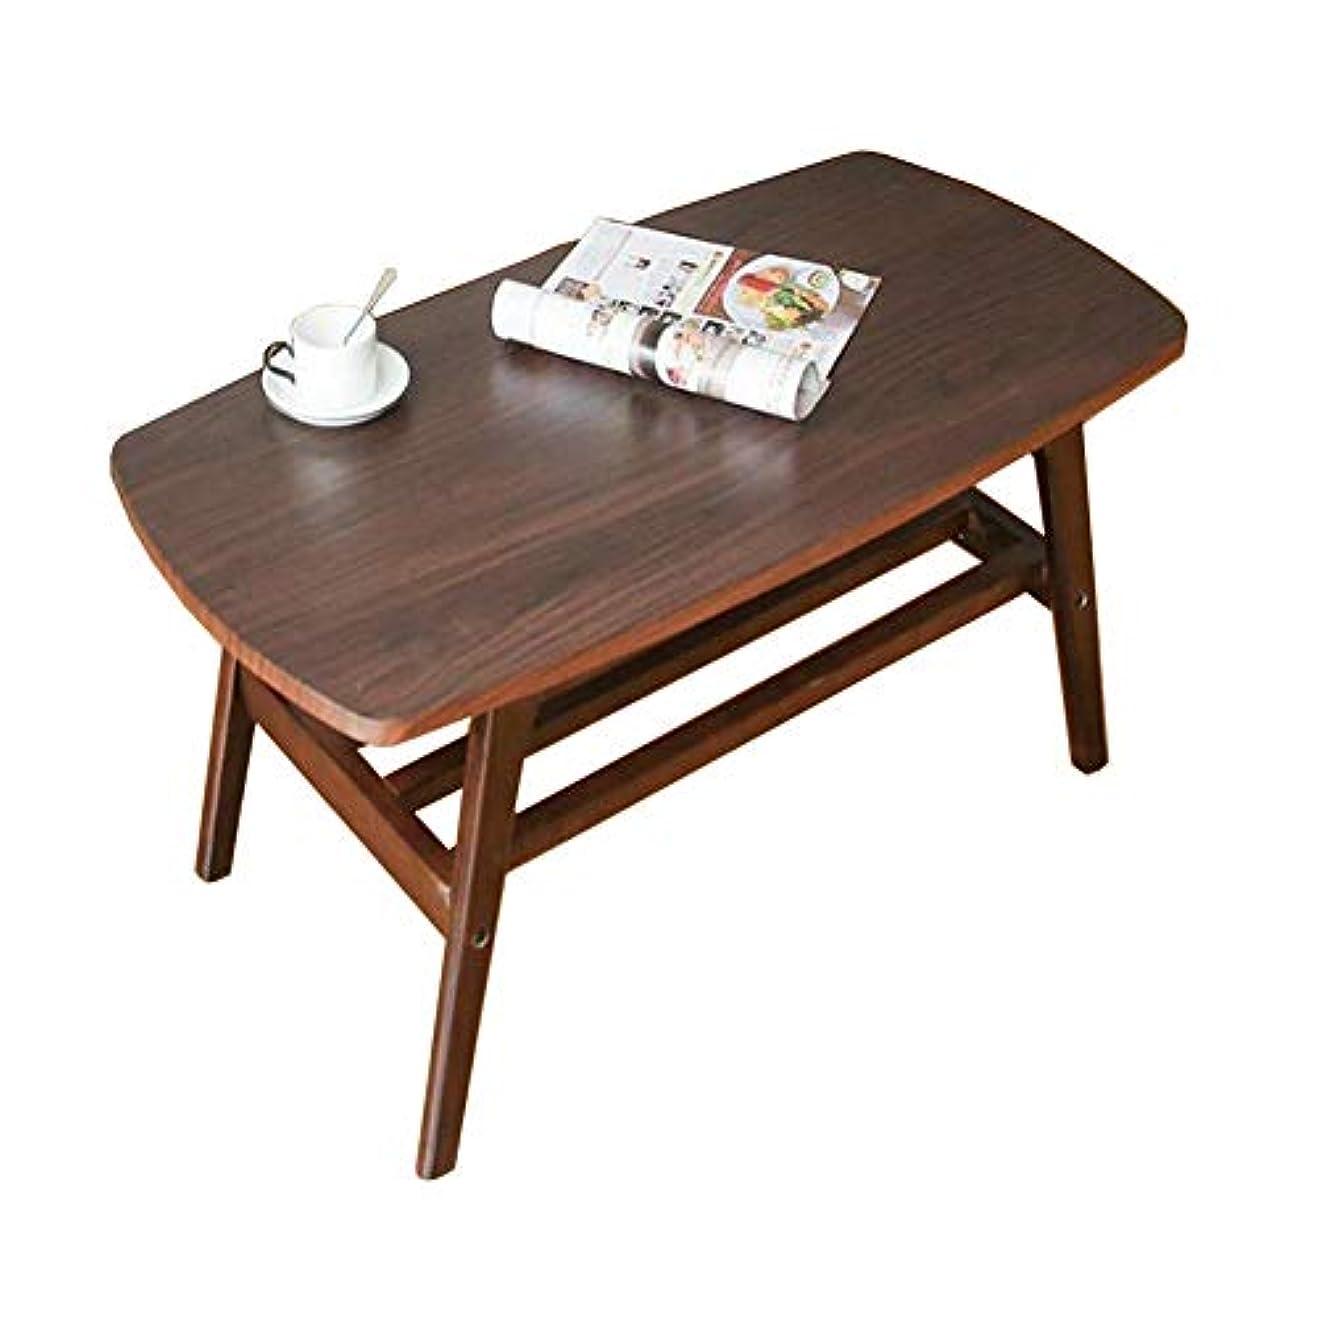 粒幼児深めるCJC 棚付きソリッドウッド長方形のテレビスタンドラウンジ収納付きテーブル大型コーヒーテーブル (色 : Brown, サイズ さいず : 120*55*42cm)